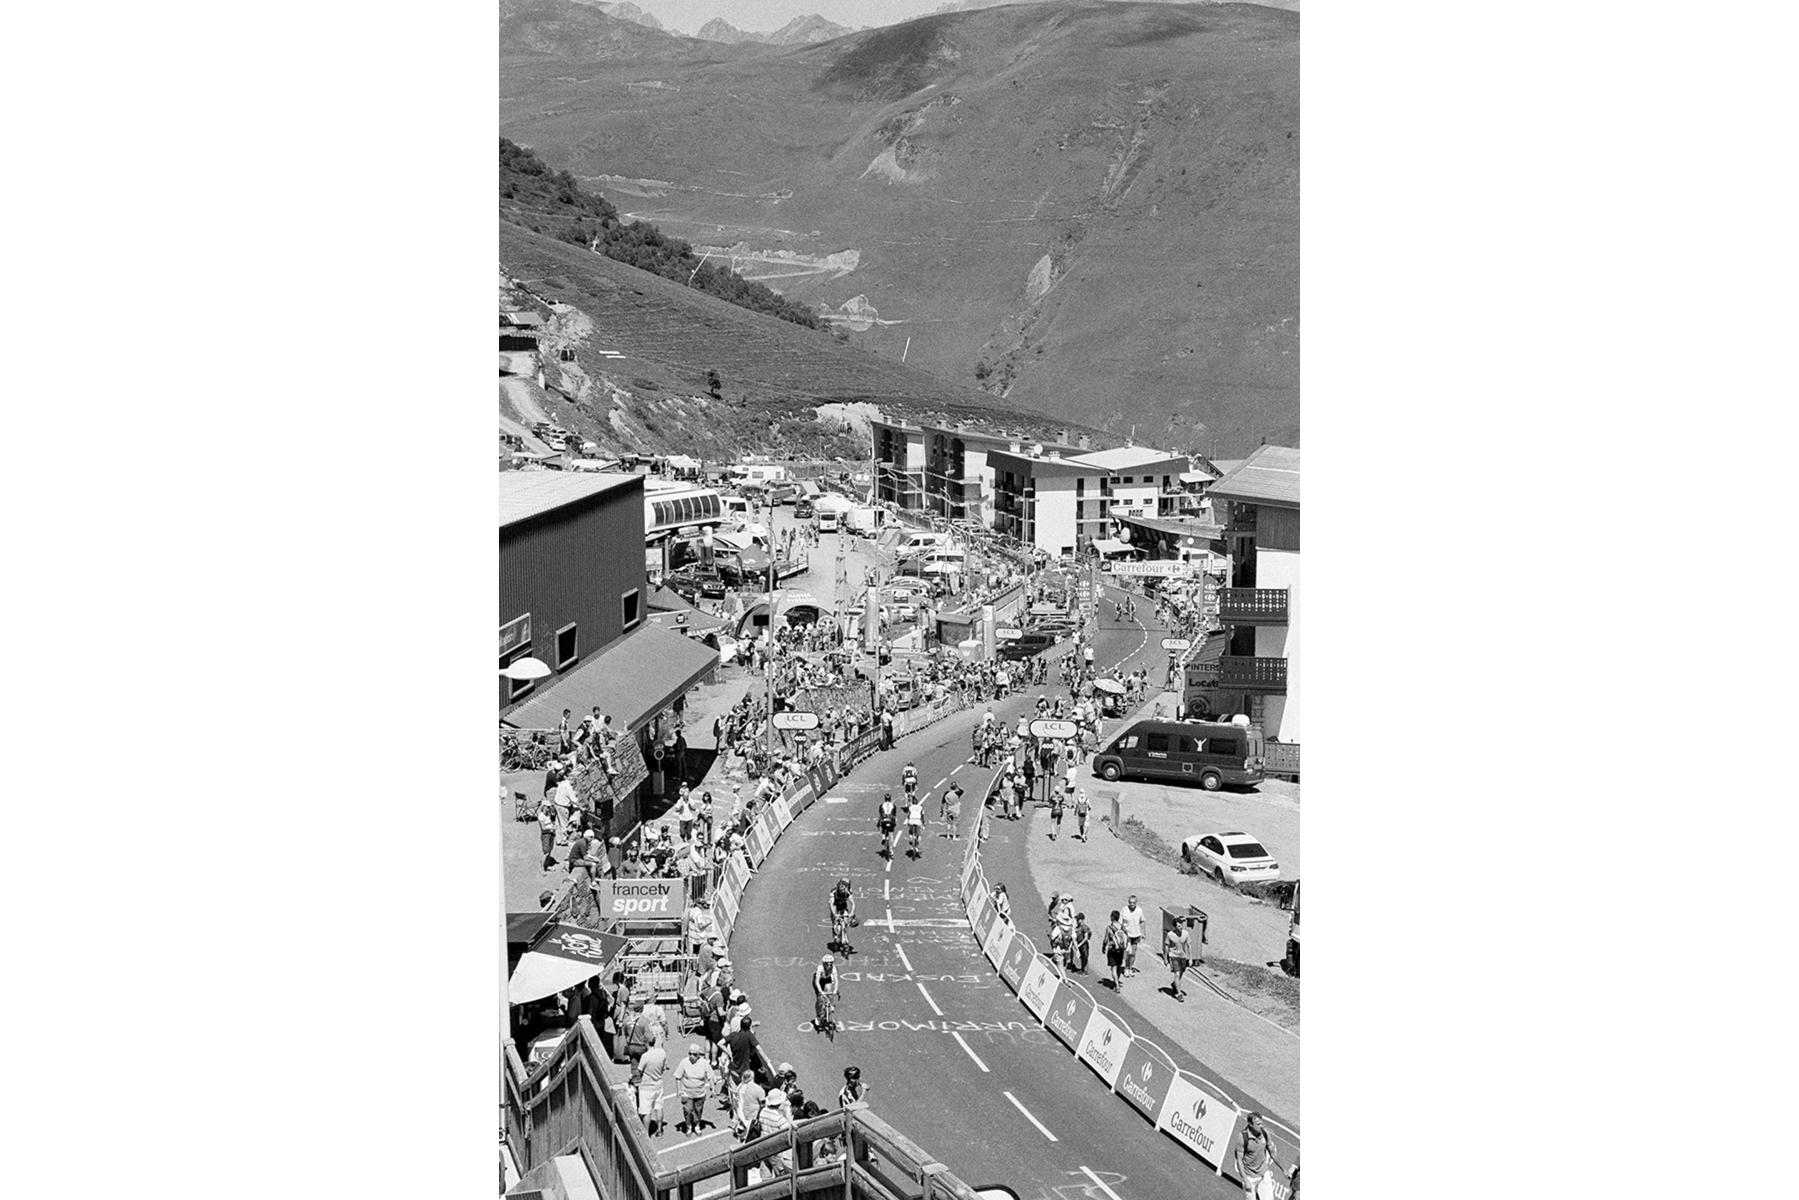 Le Tour de France 2014 'Pla d'Adet' is a ski resort in the French Pyrenees. The resort is situated at an altitude of 1,680 metres. The Tour de France has featured Pla d'Adet as a finish on 10 occasions since 1974. Le 'Pla d'Adet' est une station de ski dans les Pyrénées françaises. Il est situé à 1680 mètres. Il fut dix fois arrivée d'étape depuis sa première fois en 1974. 'Pla d'Adet' ist ein Skigebiet in den französischen Pyrenäen. Es liegt auf 1.680 Metern Höhe. Es ist bereits zum zehnten Mal Ziel einer Etappe – zum Ersten Mal im Jahr 1974. 'Pla d'Adet' es una estación de esquí en los Pirineos franceses. Se encuentra a 1.680 m de altitud. Es la décima ocasión en que transcurre una etapa final aquí, la primera vez fue en 1974.